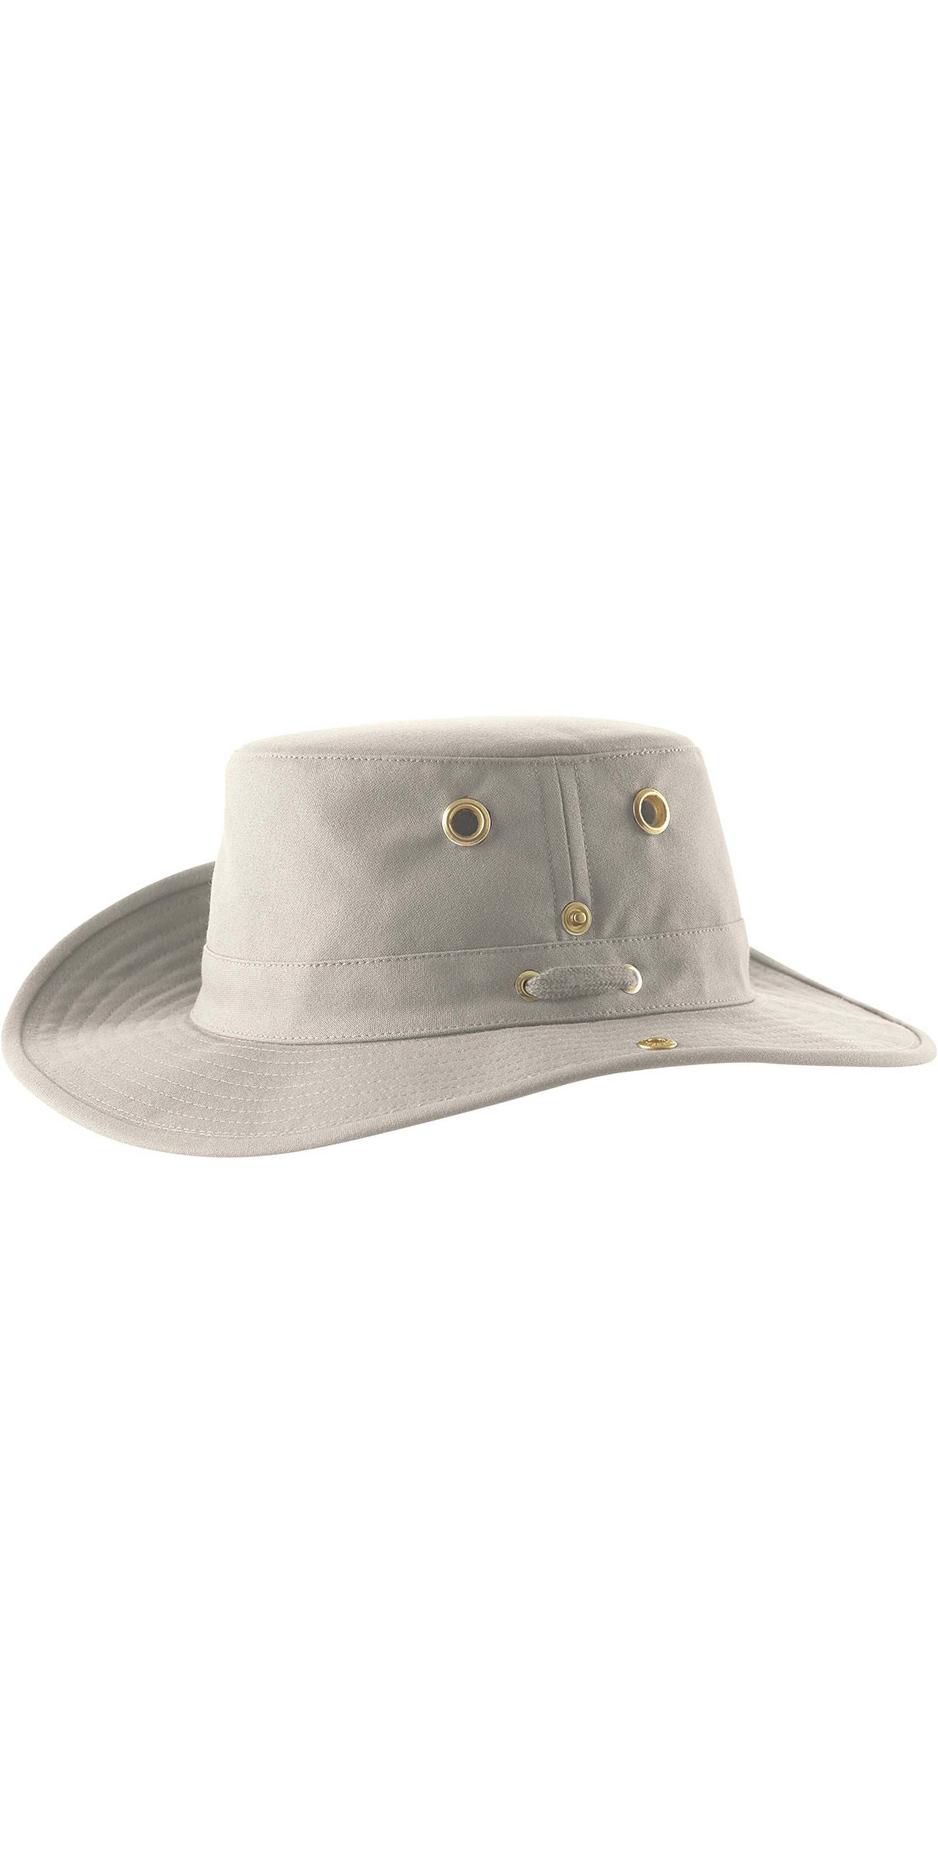 5cc1f5017eaff 2019 Tilley T3 Snap-Up chapéu de abas - NATURAL VERDE - Chapéus ...